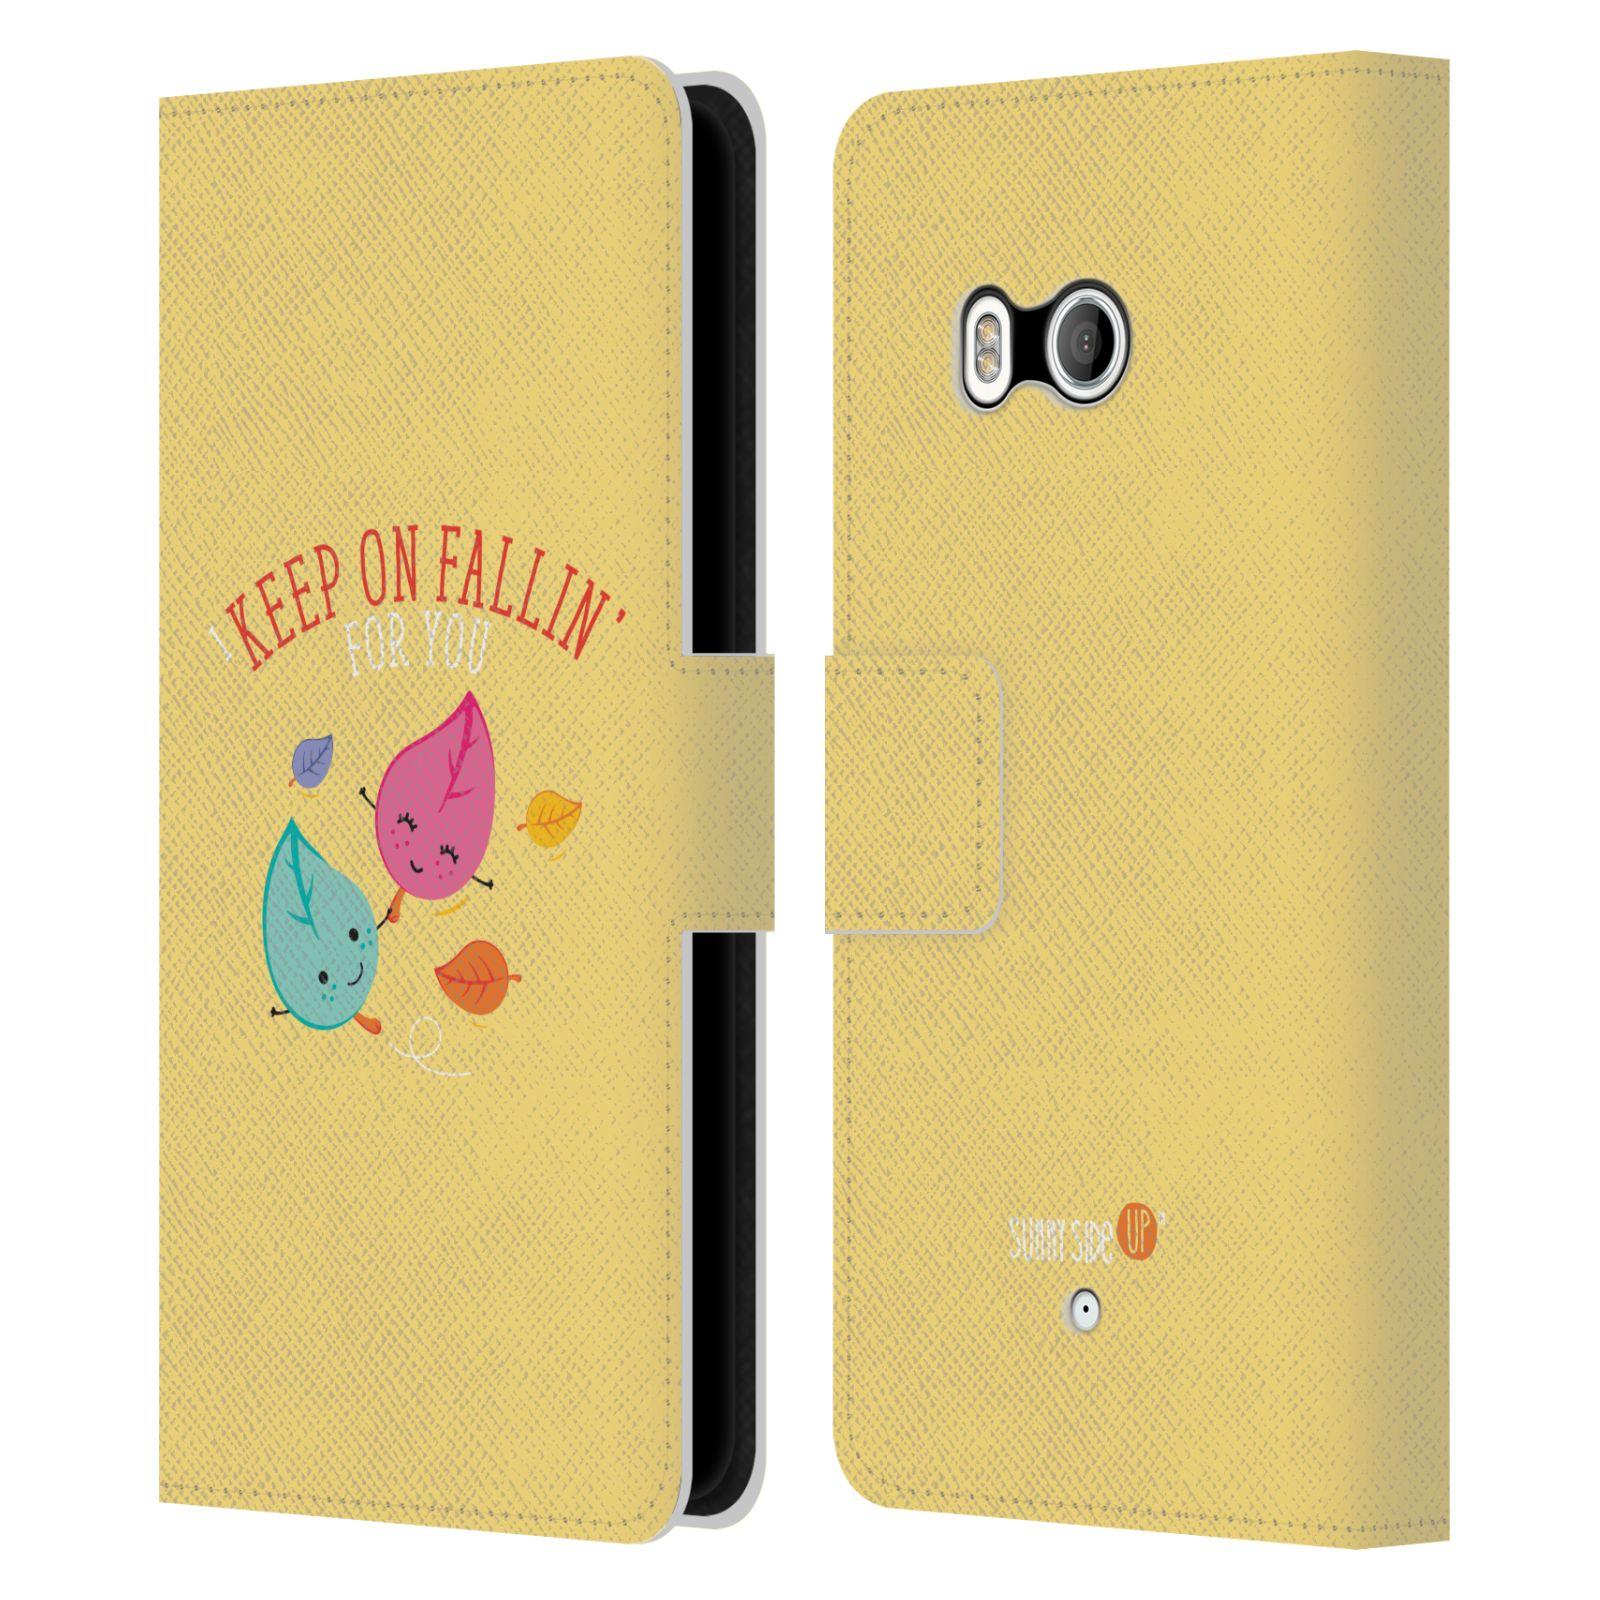 Oficial-muy-pop-el-lado-soleado-Mezclar-Estuche-tipo-Billetera-de-cuero-libros-para-telefonos-HTC-1